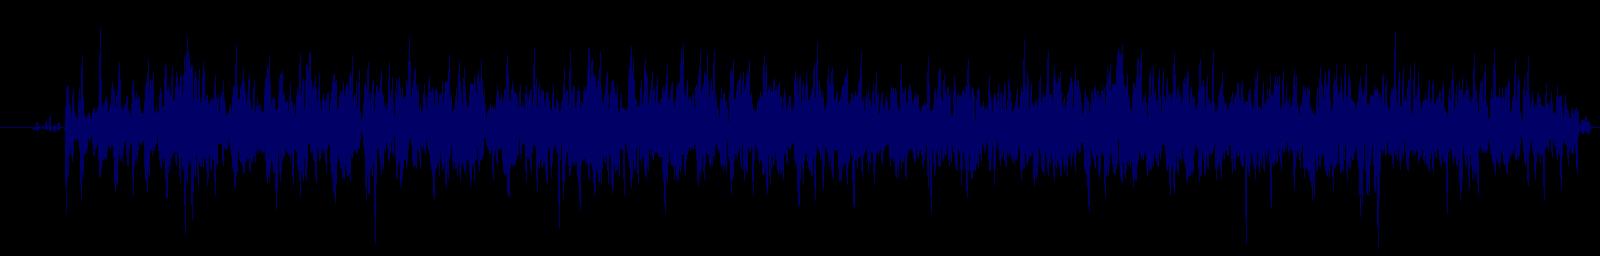 waveform of track #150341